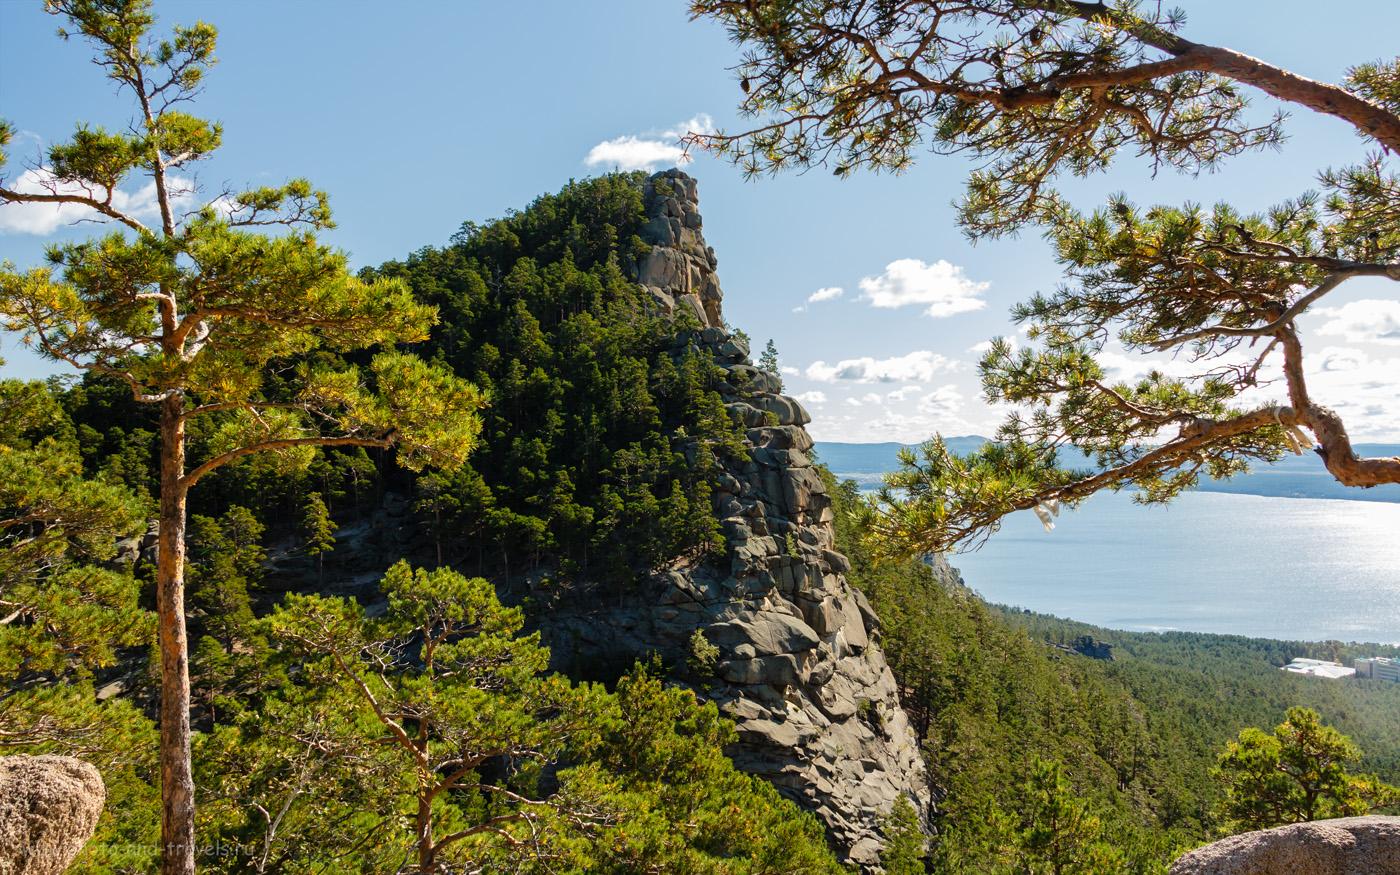 Снимок 25. Вид на самую старшую «сестру» из скал Три Сестры. На склоне Кокшетау. Прогулки по горам в Бурабае. Отзывы туристов об отдыхе в Казахстане. 1/100, +0.3, 8, 200, 18.